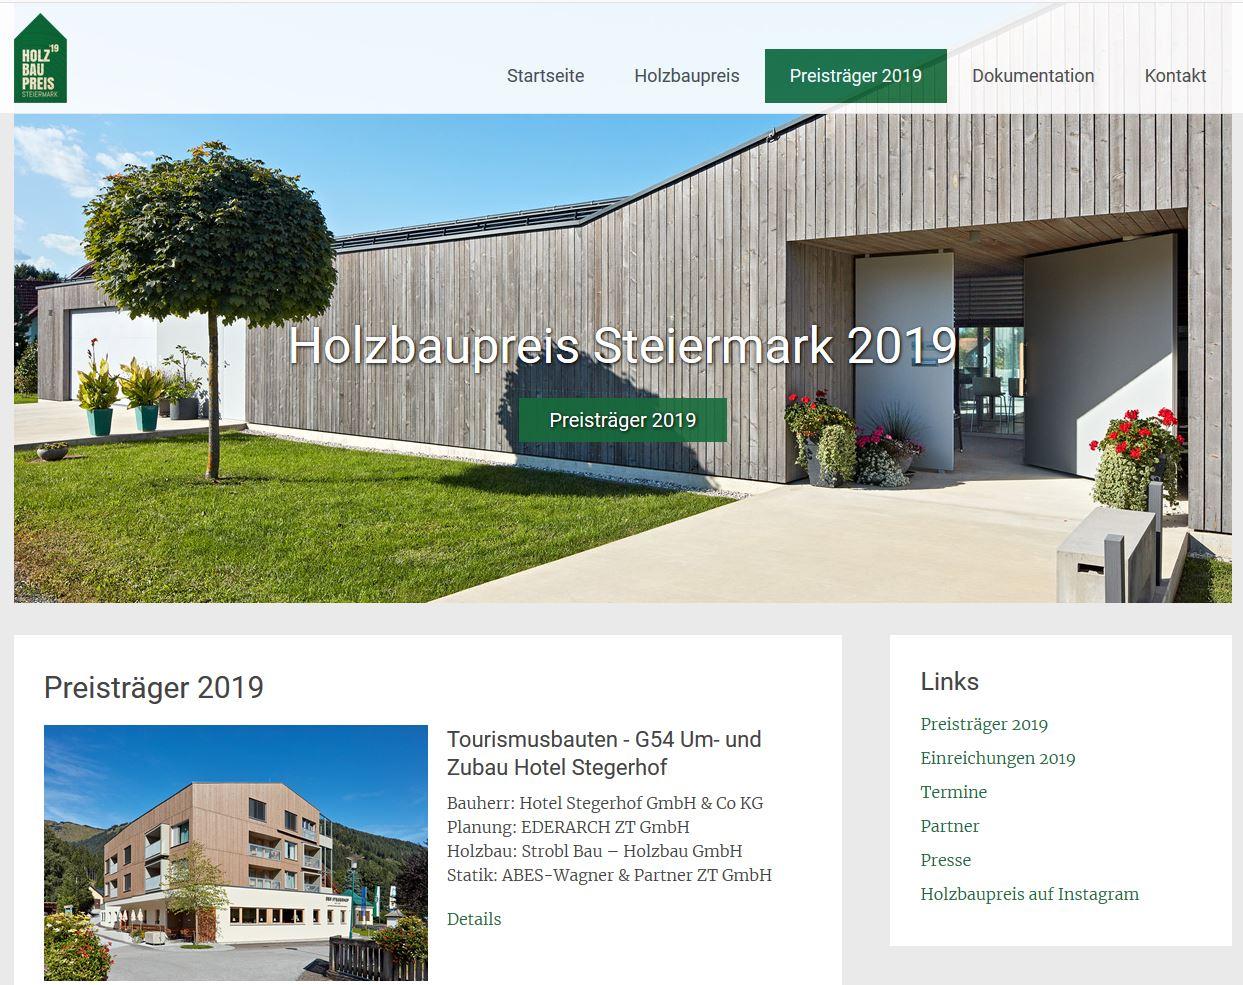 Website des Holzbaupreises